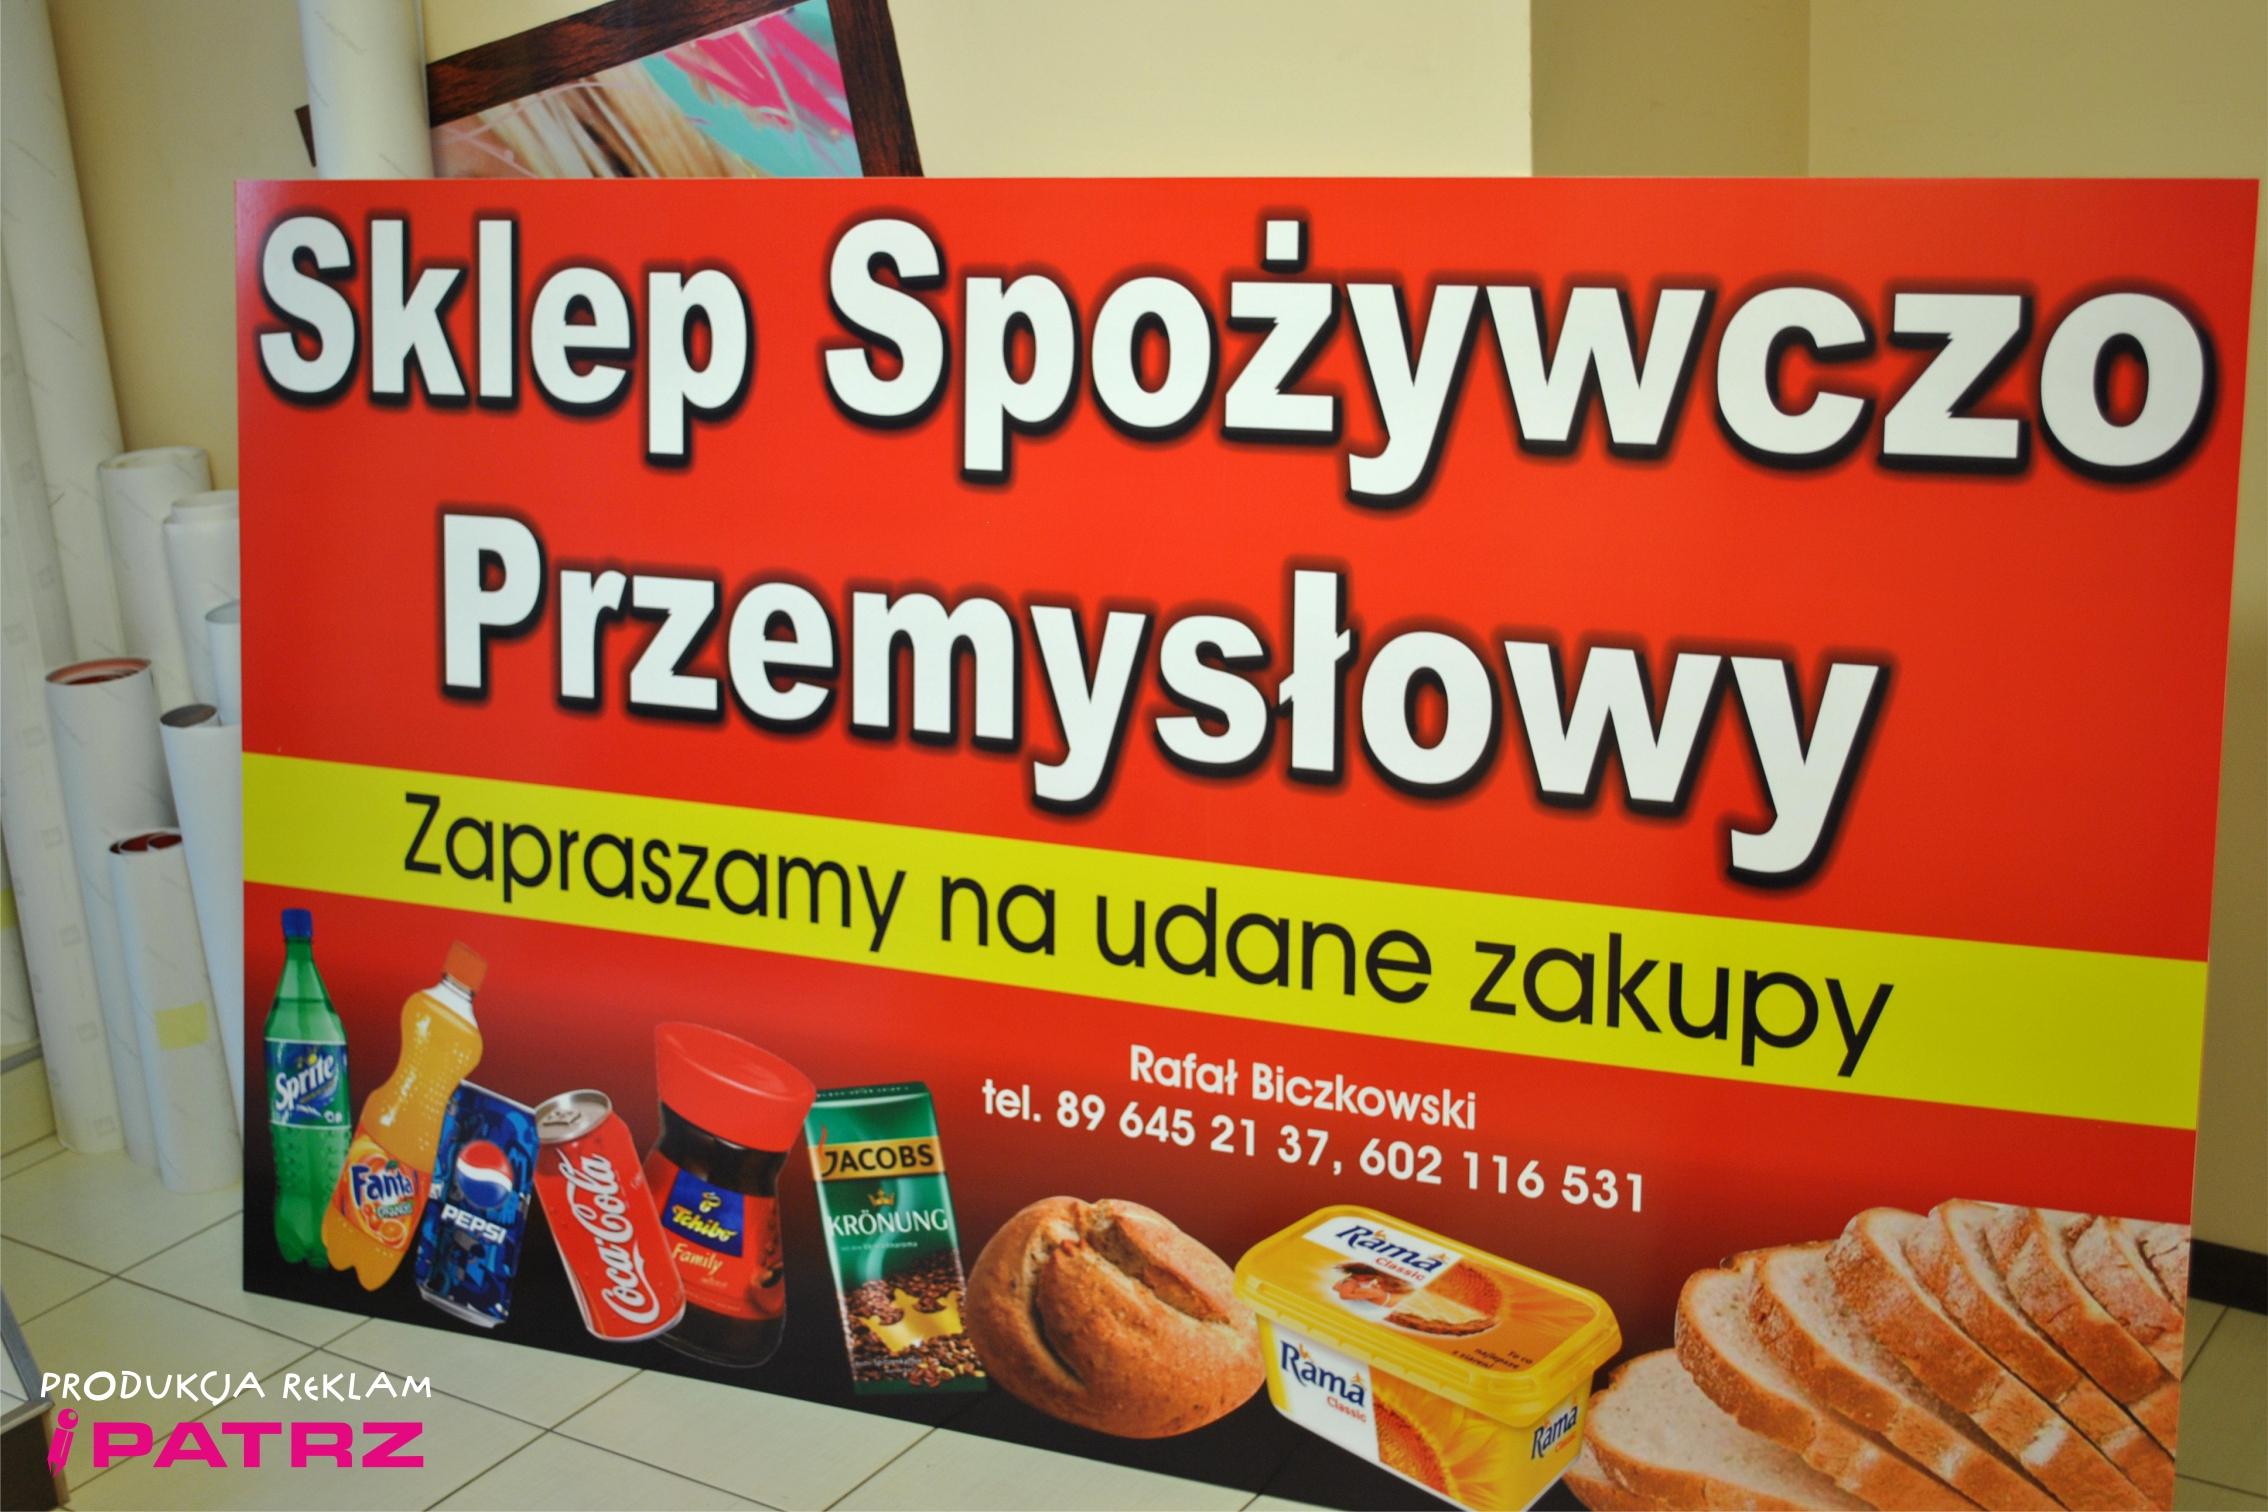 Tylko na zewnątrz Firma poligraficzno-reklamowa PATRZ. Producent reklam i Drukarnia PX16